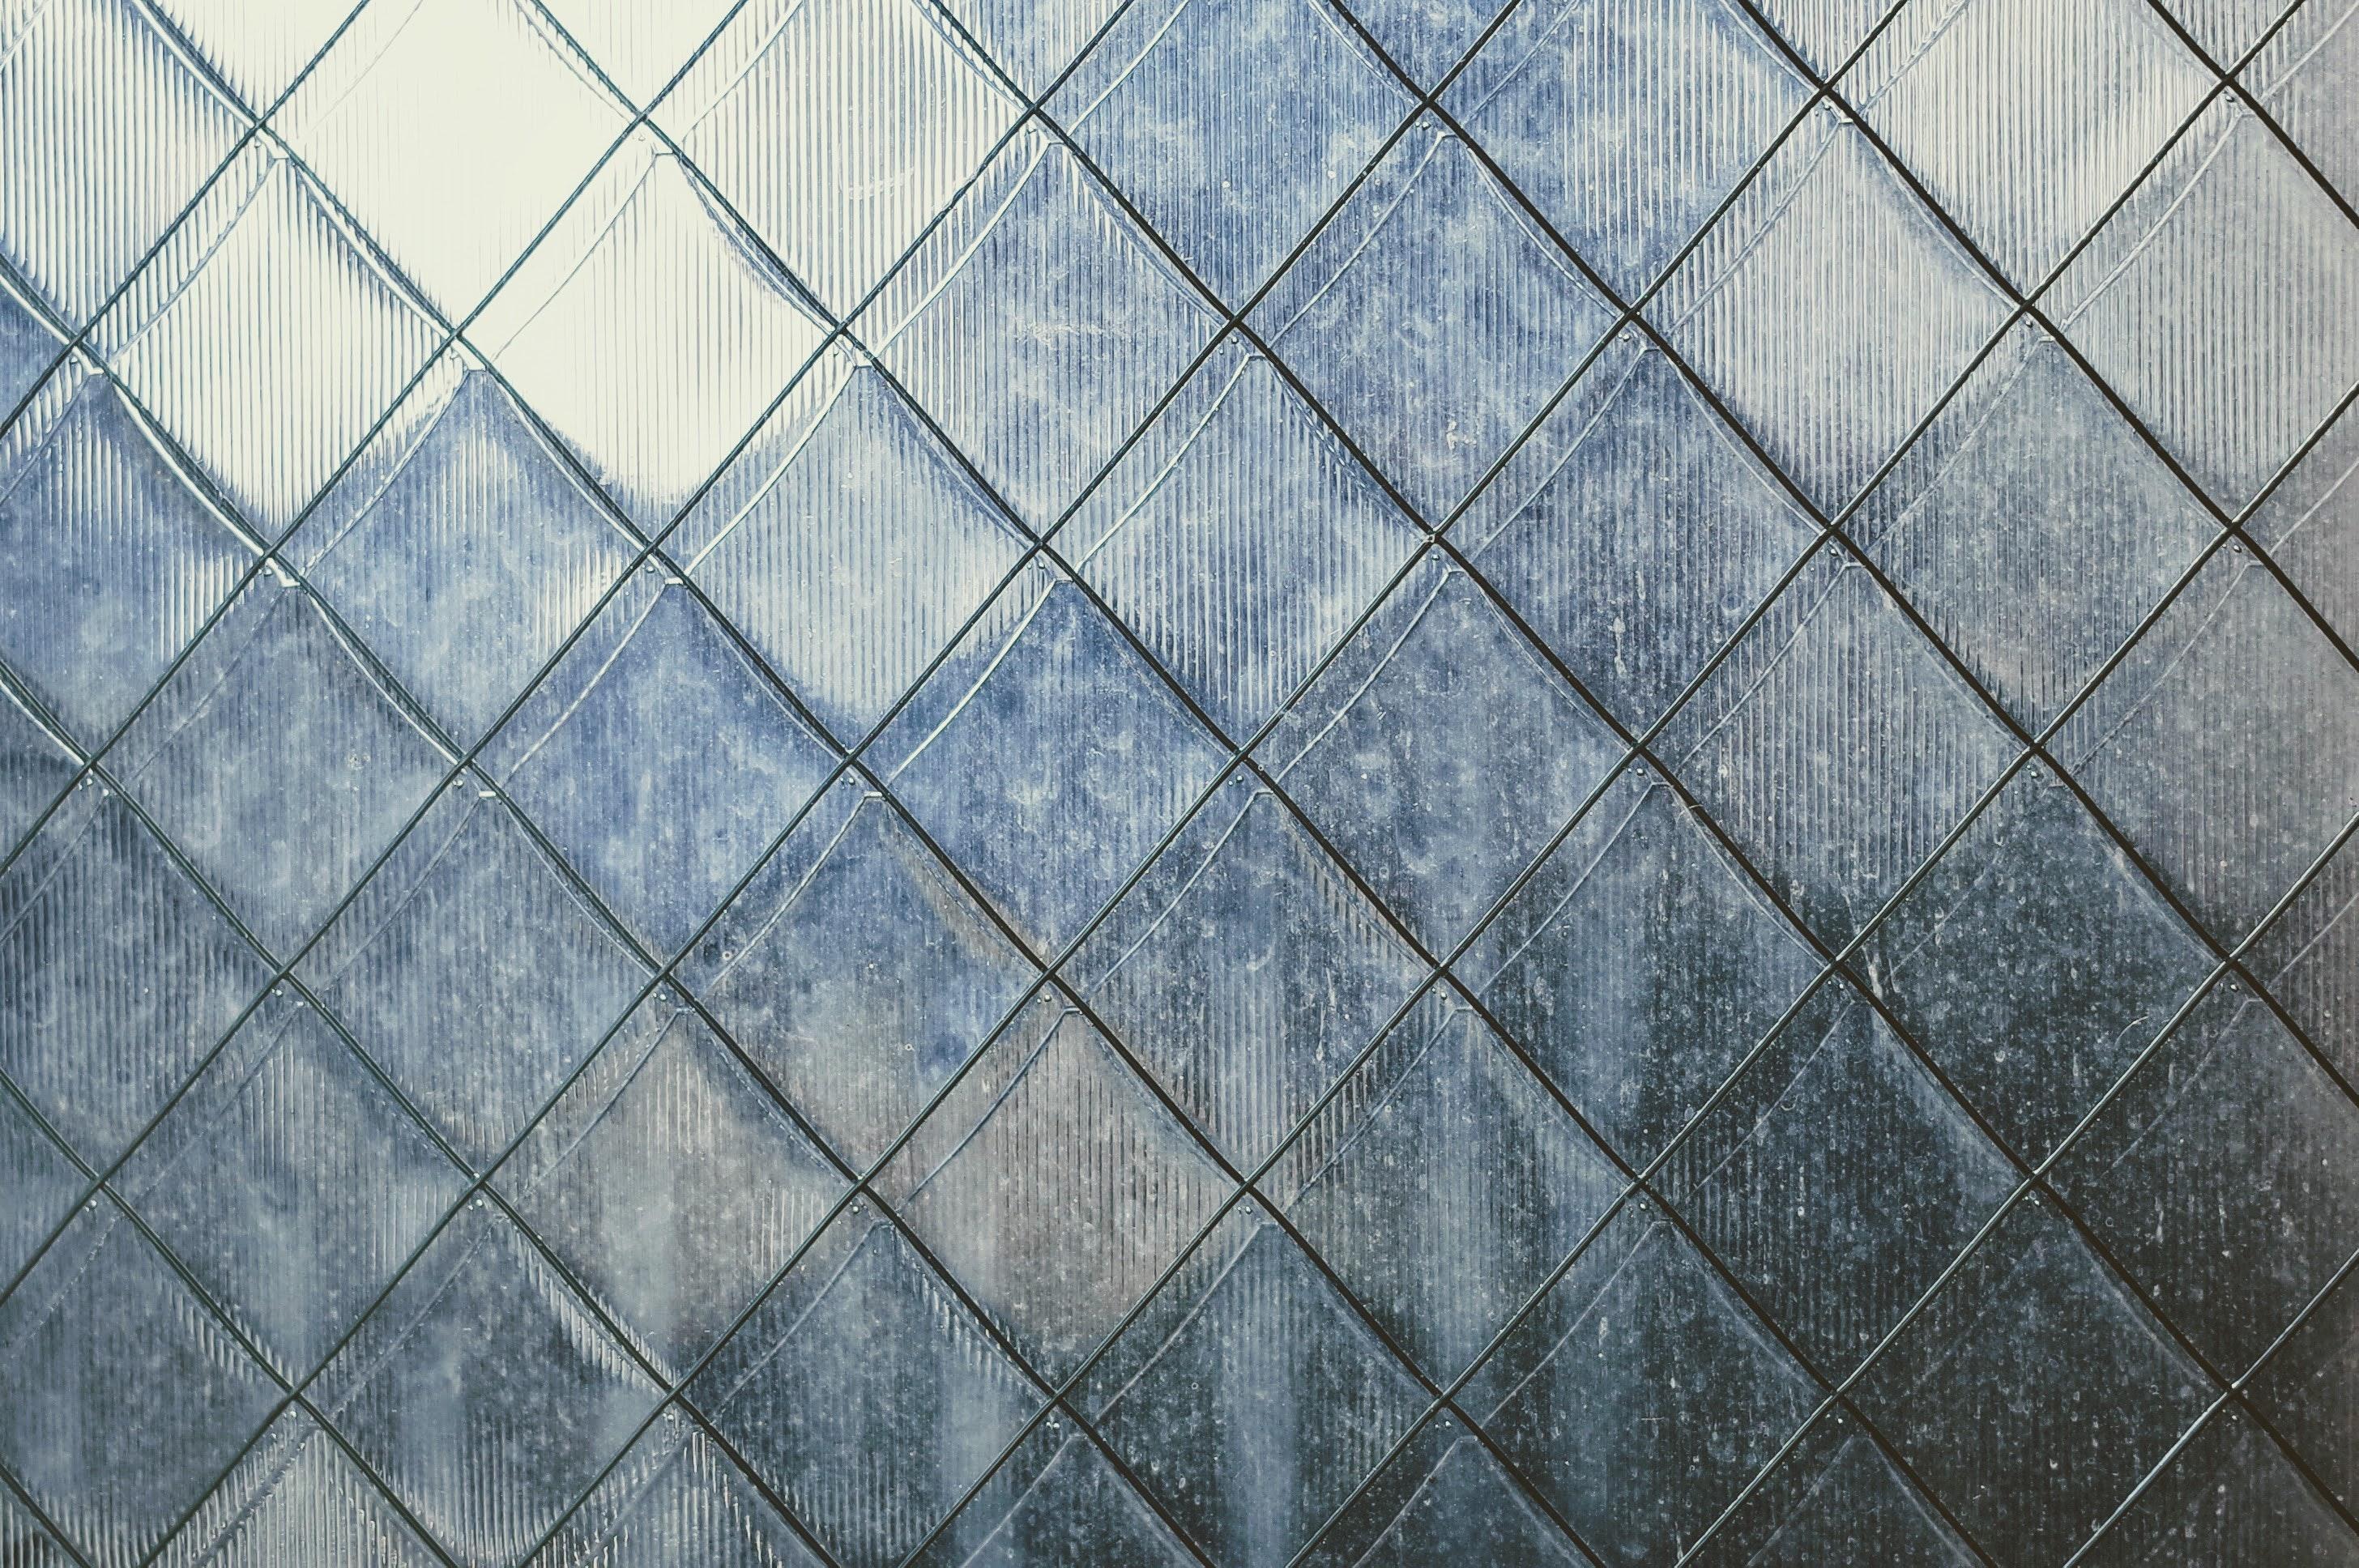 100+ Interesting Tile Photos · Pexels · Free Stock Photos